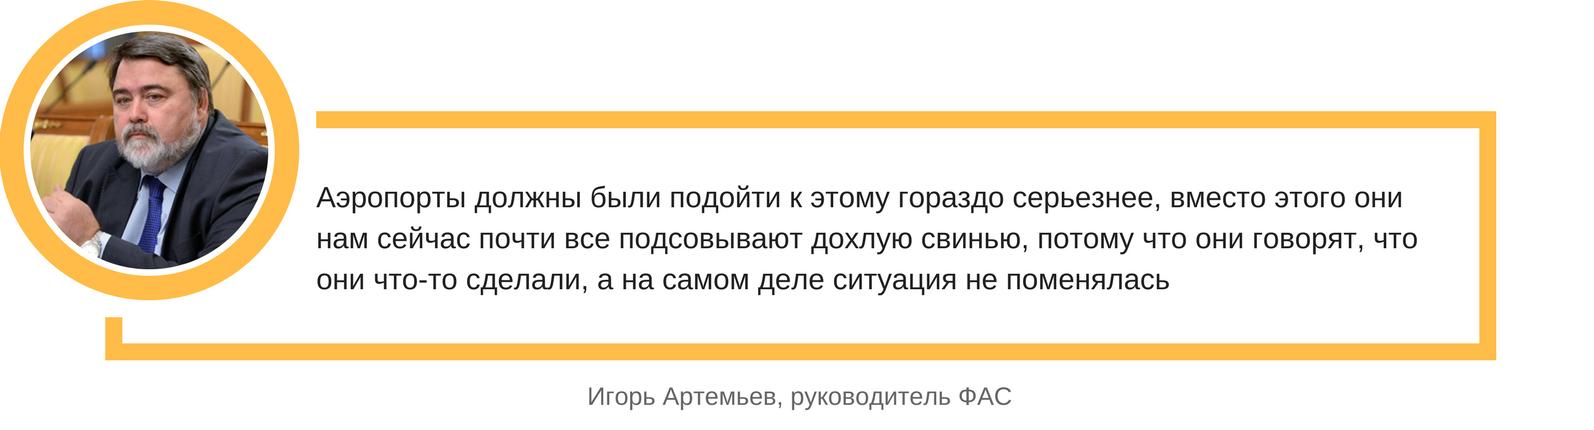 Артемьев ФАС про такси